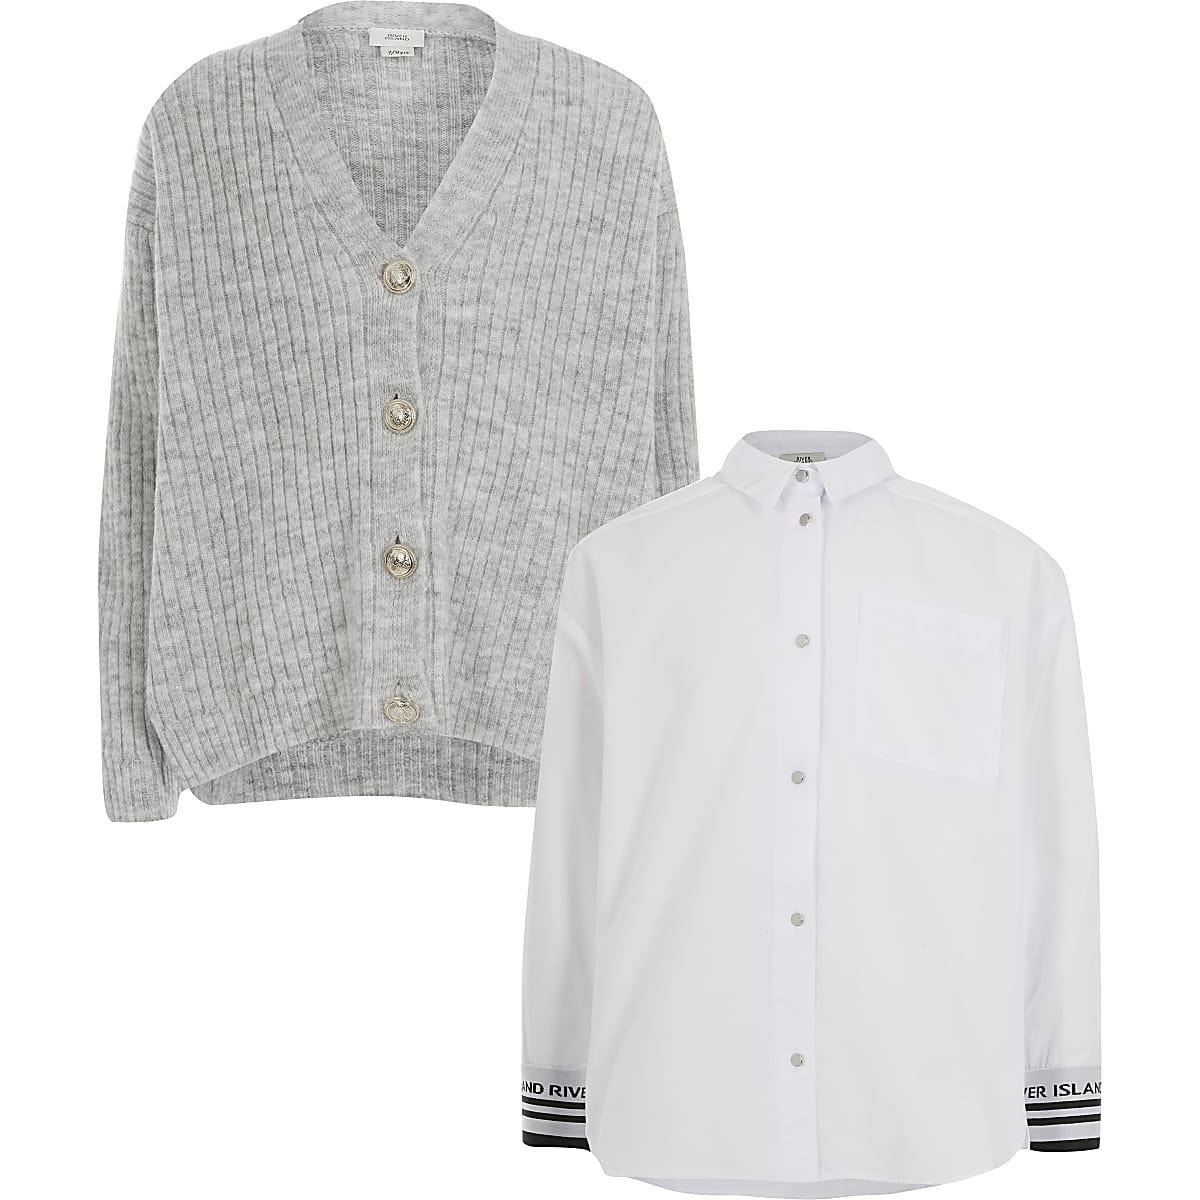 Ensemble avec chemise et cardigan gris pour fille